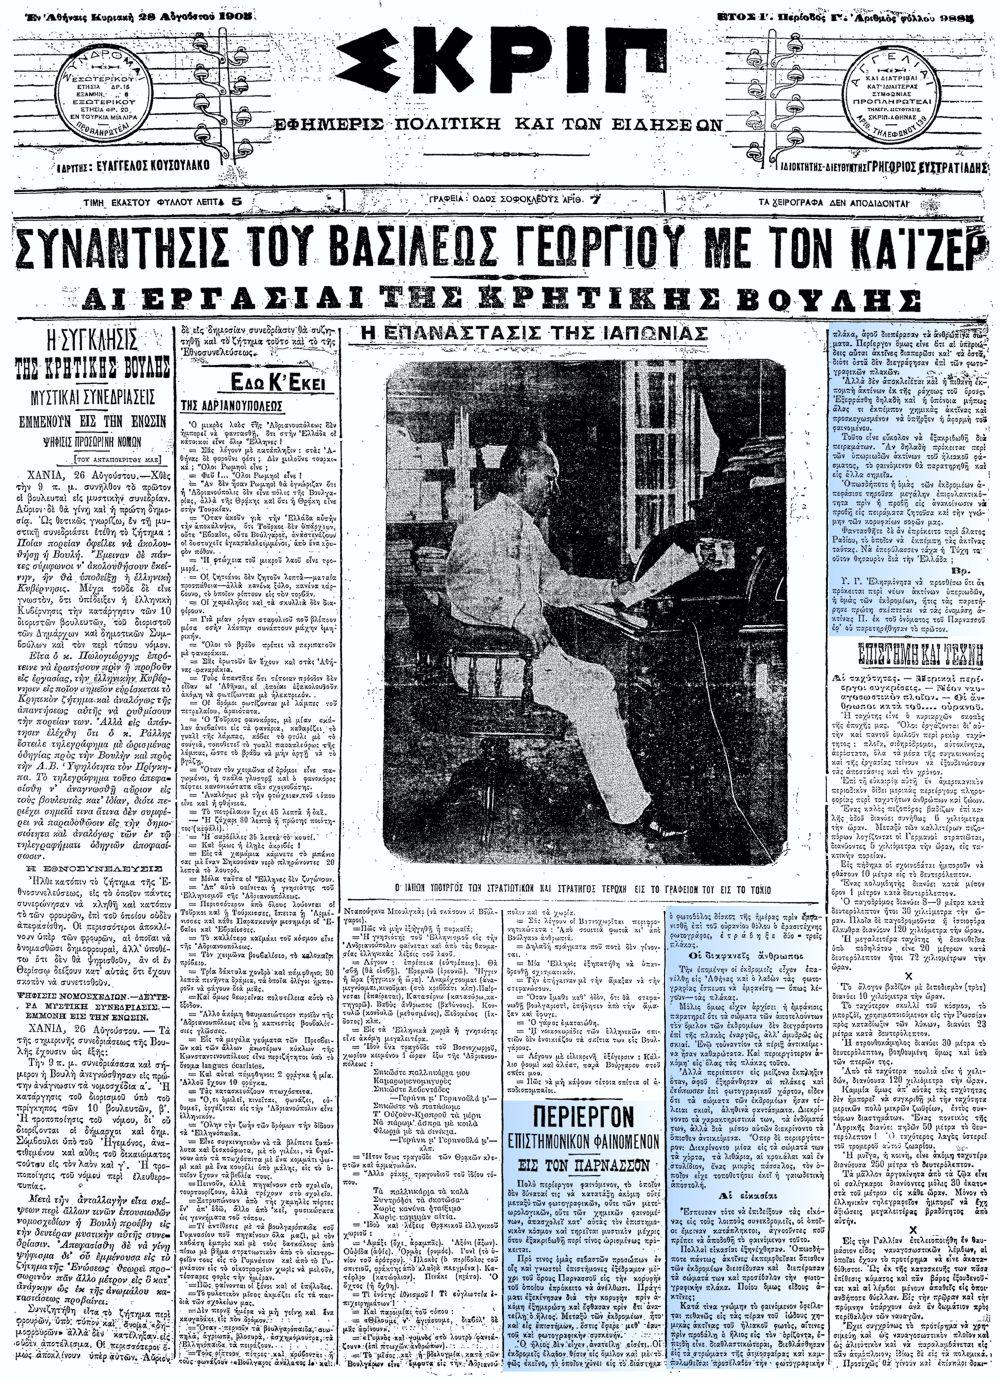 """Το άρθρο, όπως δημοσιεύθηκε στην εφημερίδα """"ΣΚΡΙΠ"""", στις 28/08/1905"""